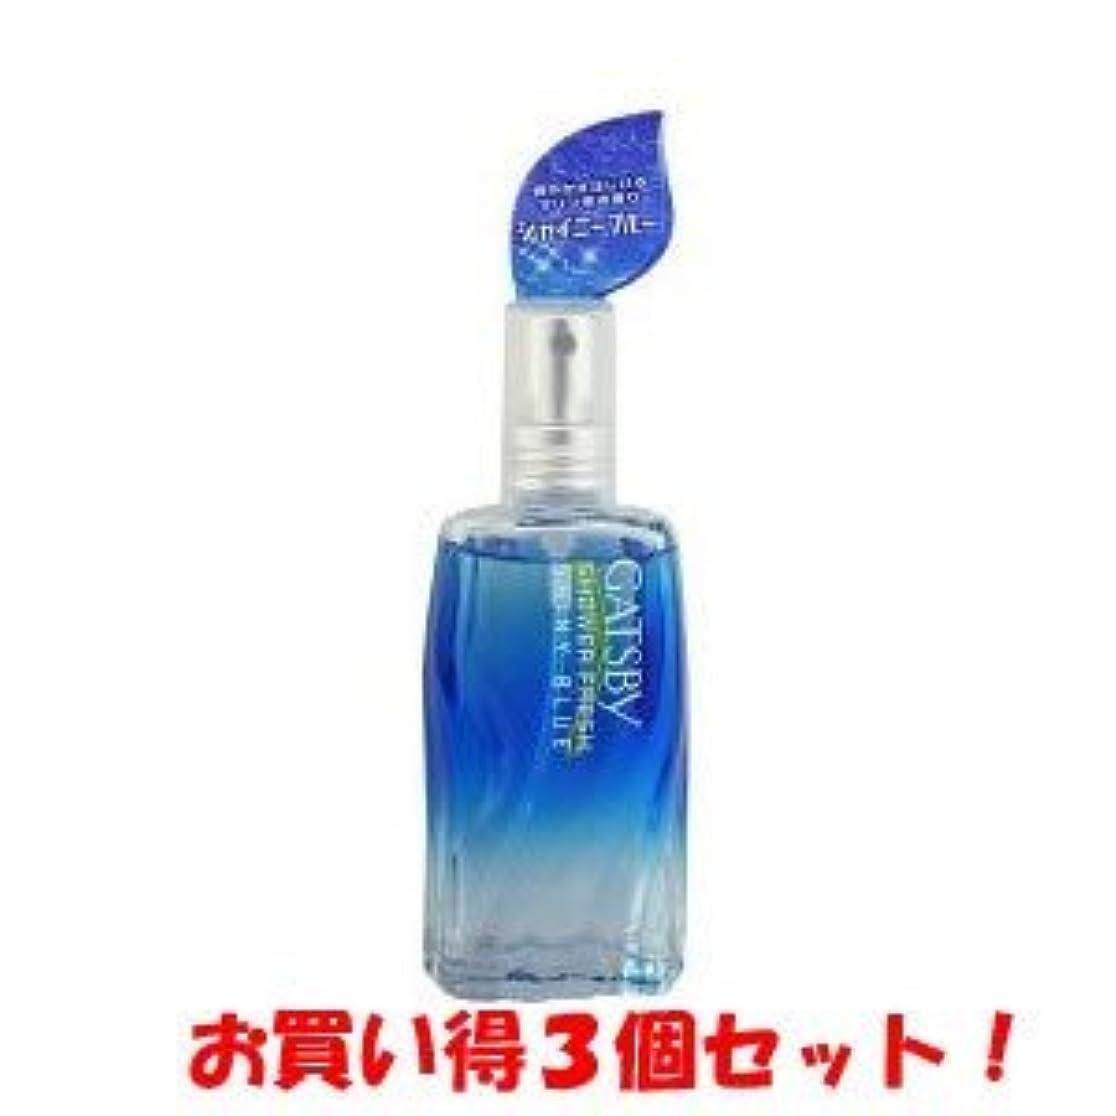 補足感謝祭風味ギャツビー【GATSBY】シャワーフレッシュ シャイニーブルー 60ml(お買い得3個セット)